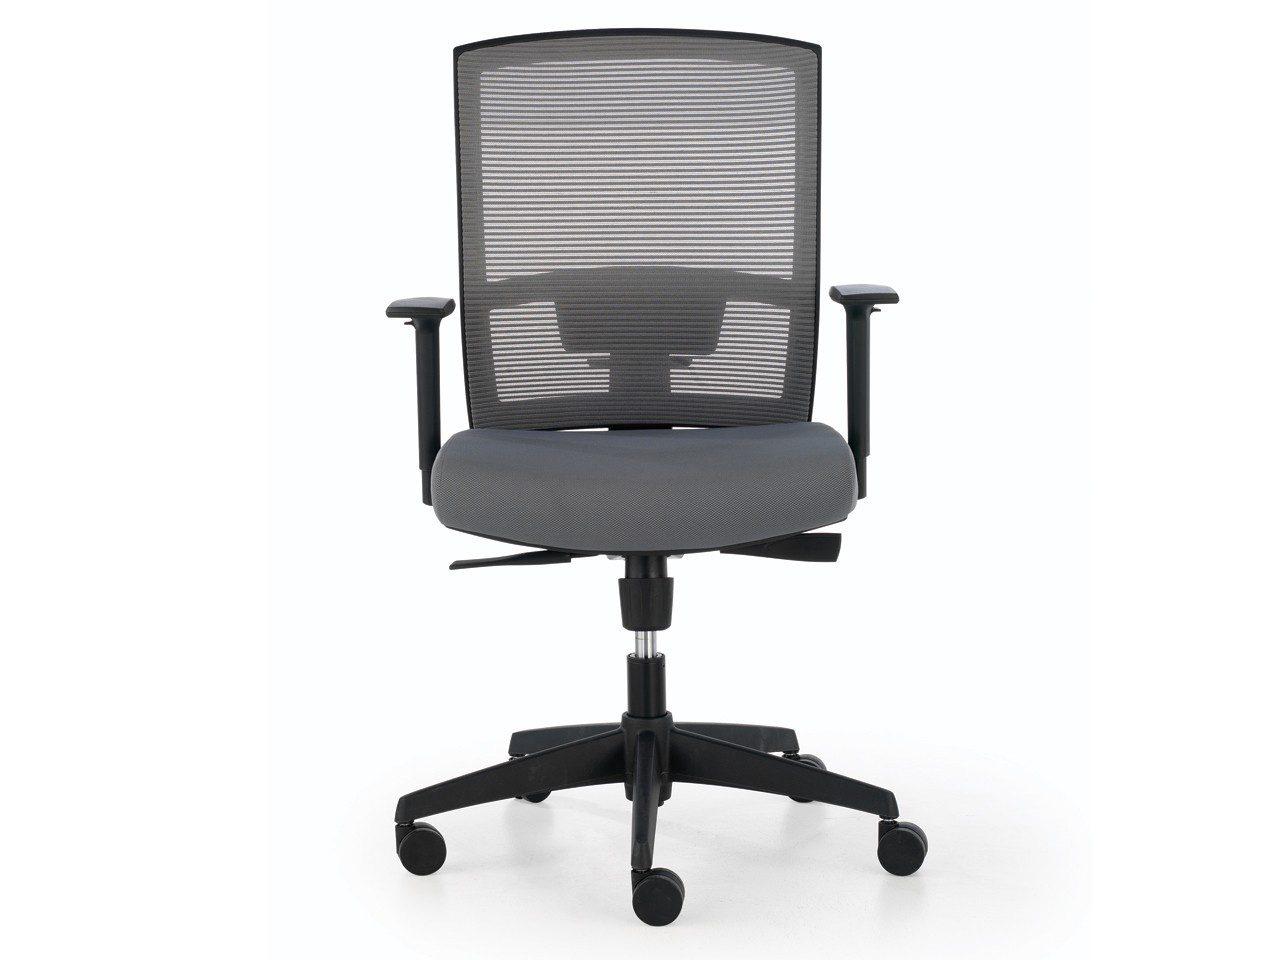 Silla escritorio Kendo | Sillas de calidad | Muebles de oficina Spacio